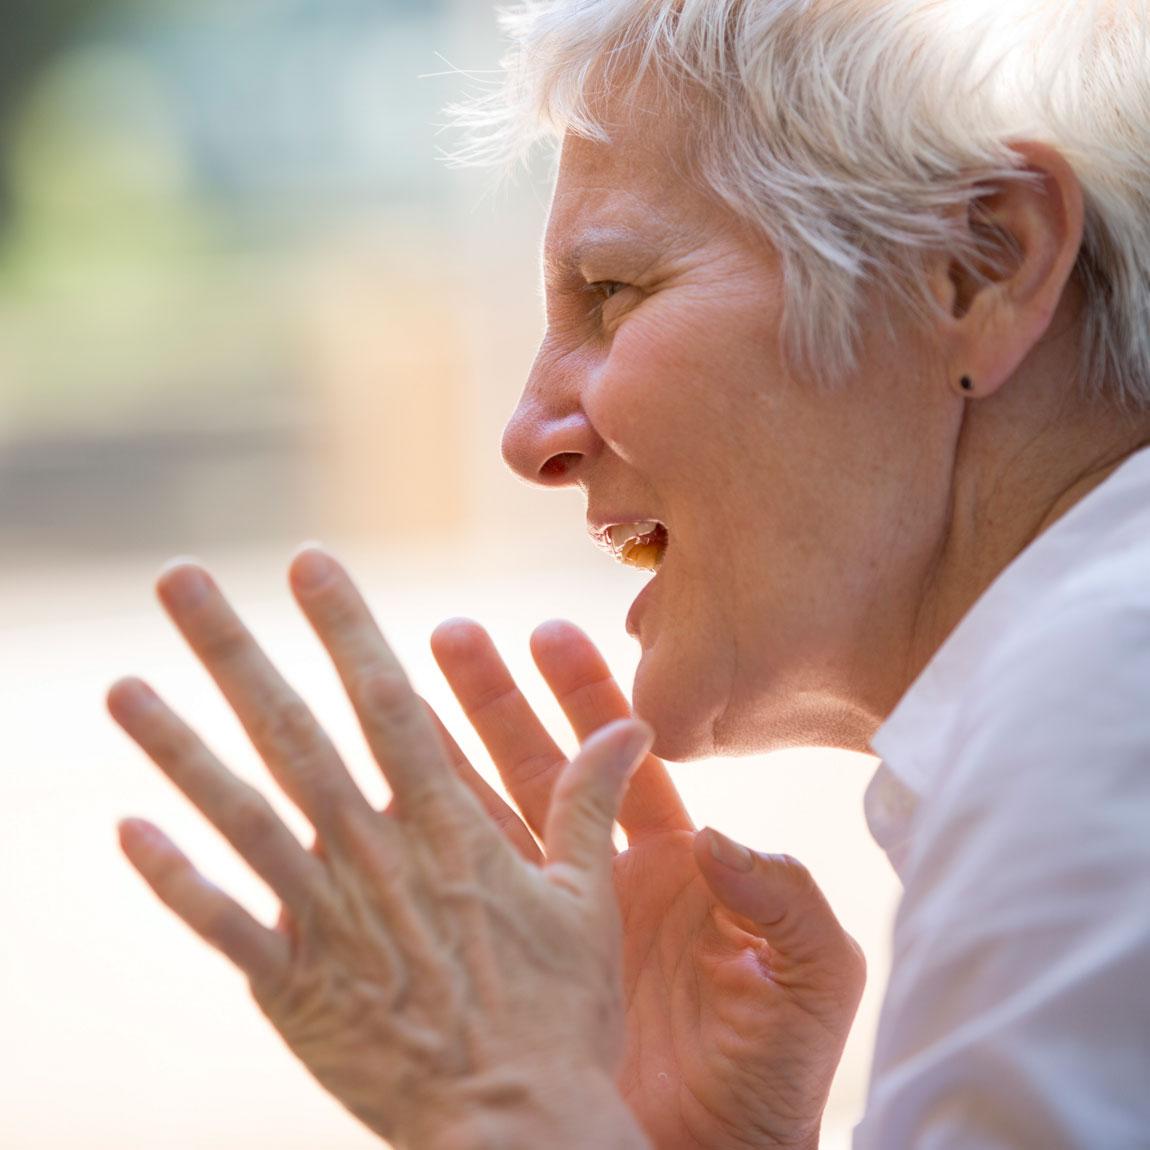 A woman in a linen shirt gesticulating